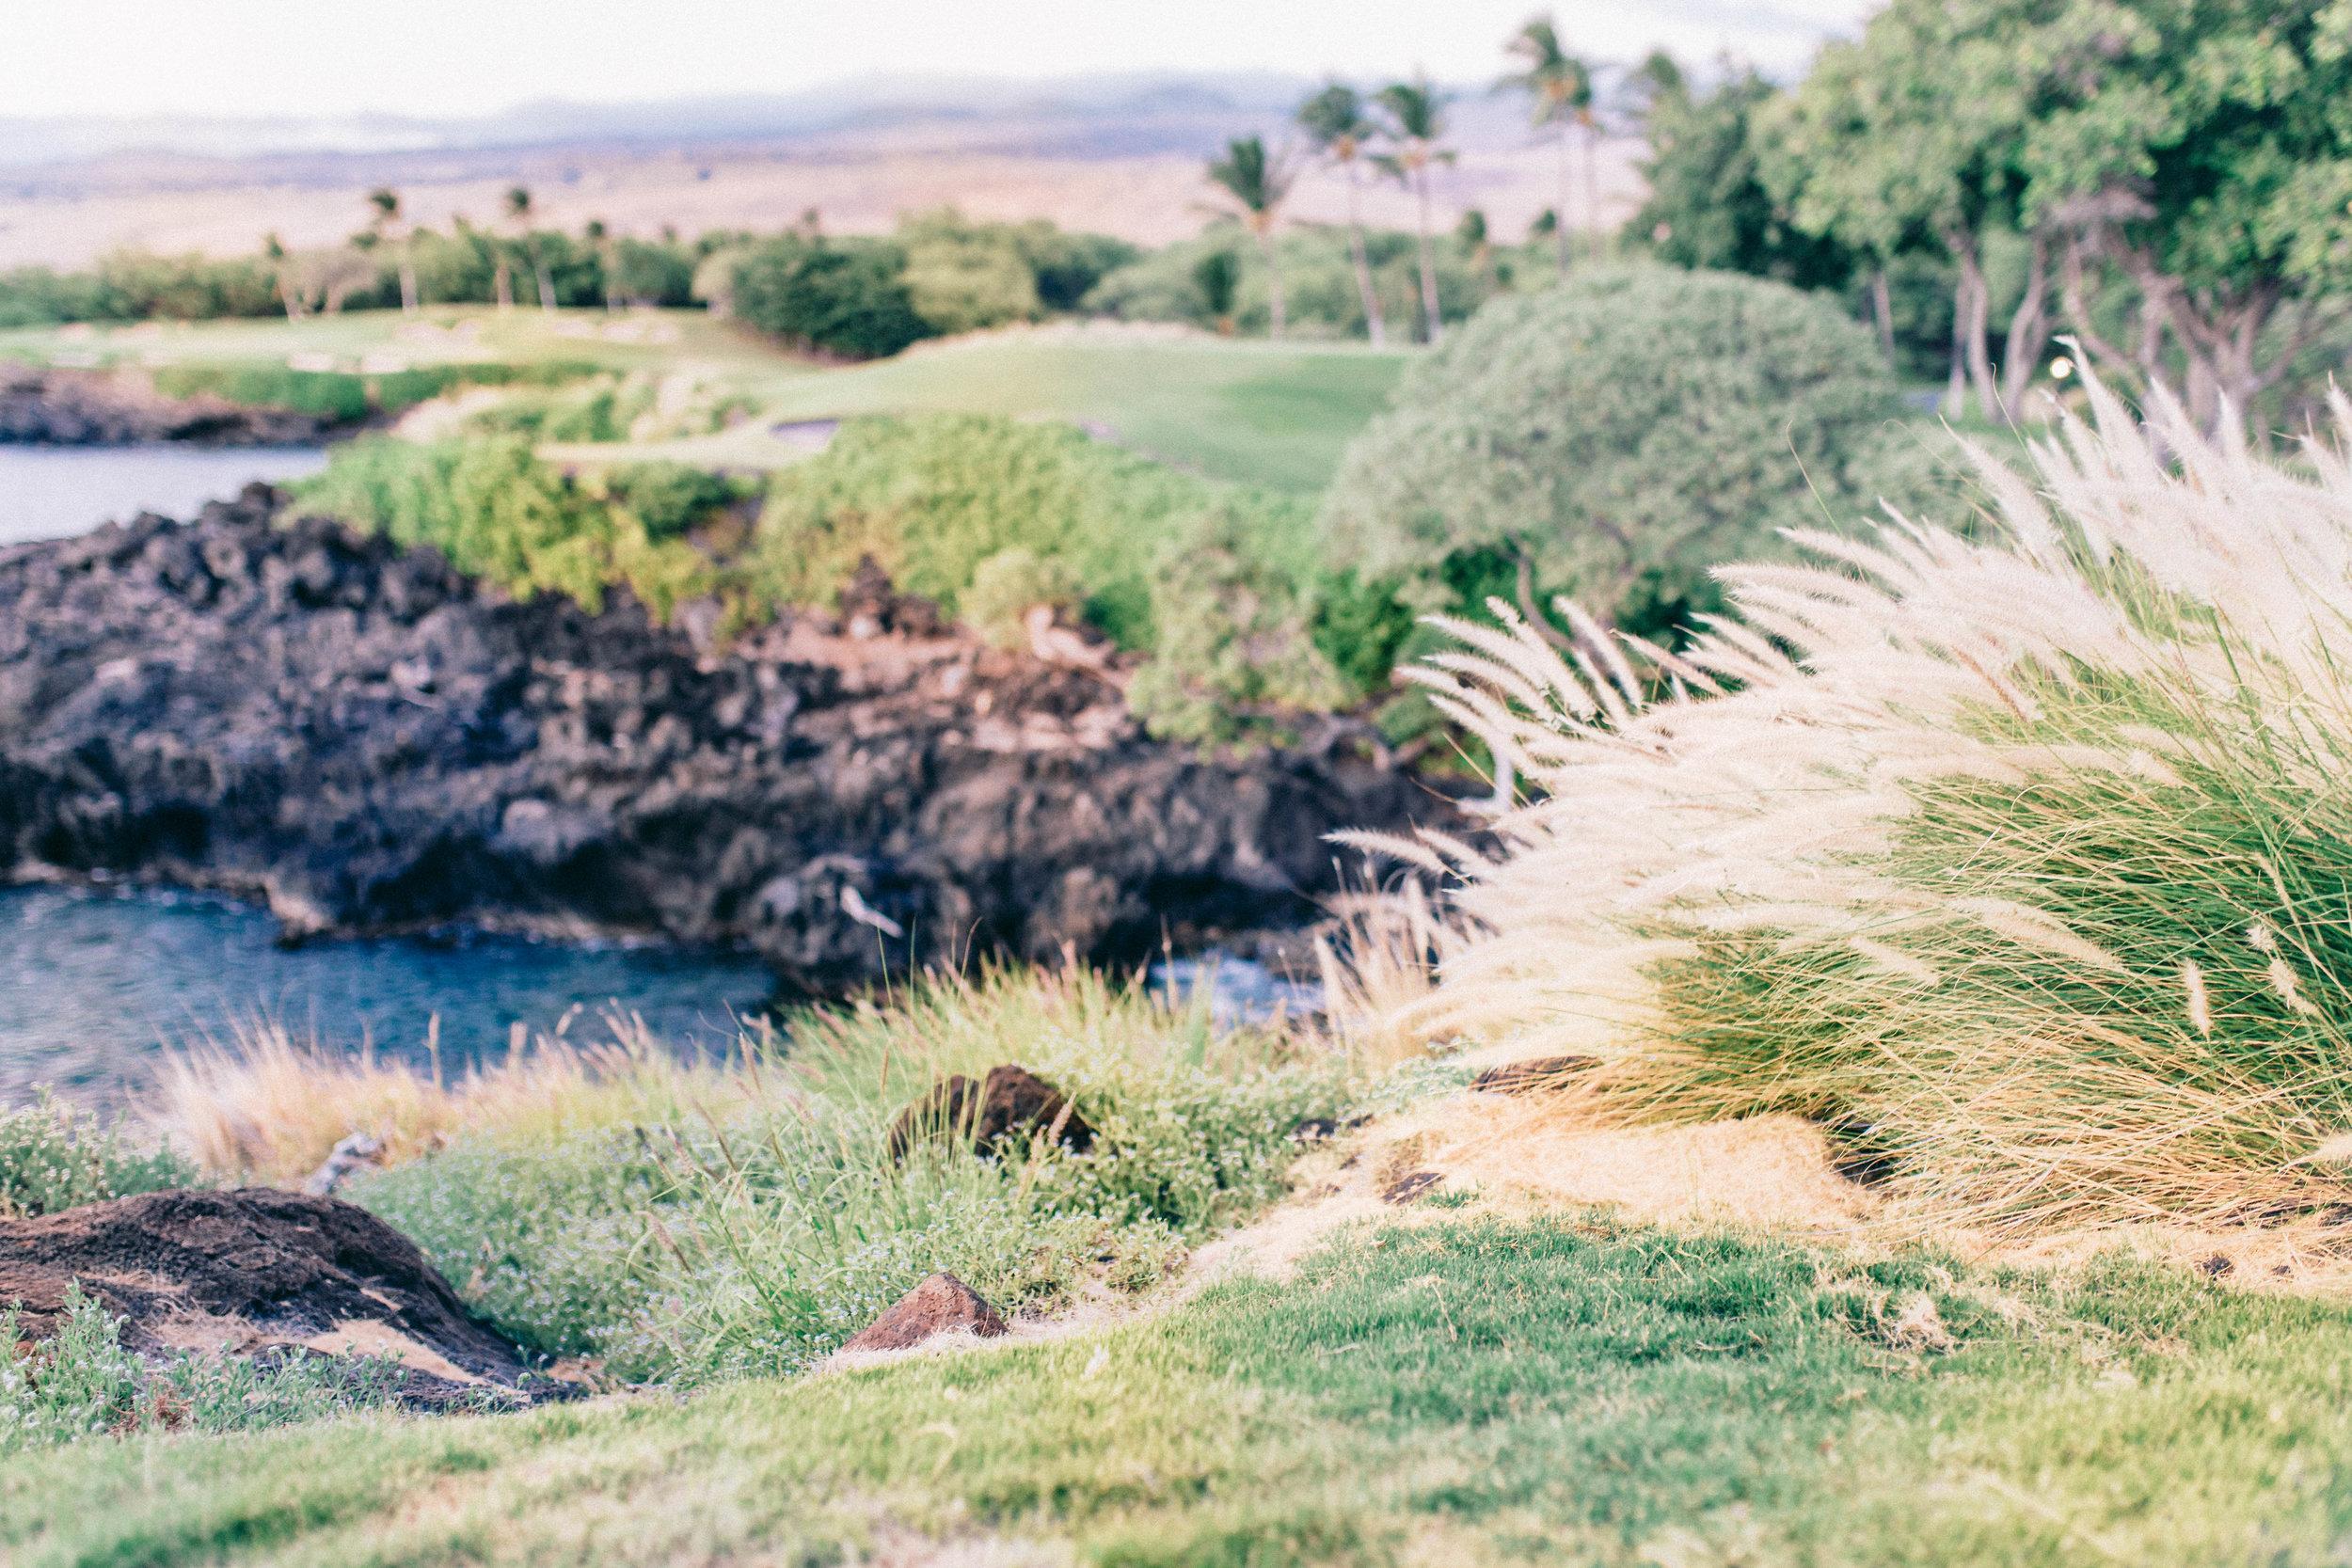 MaunaKea_Sept2016-8-2.jpg